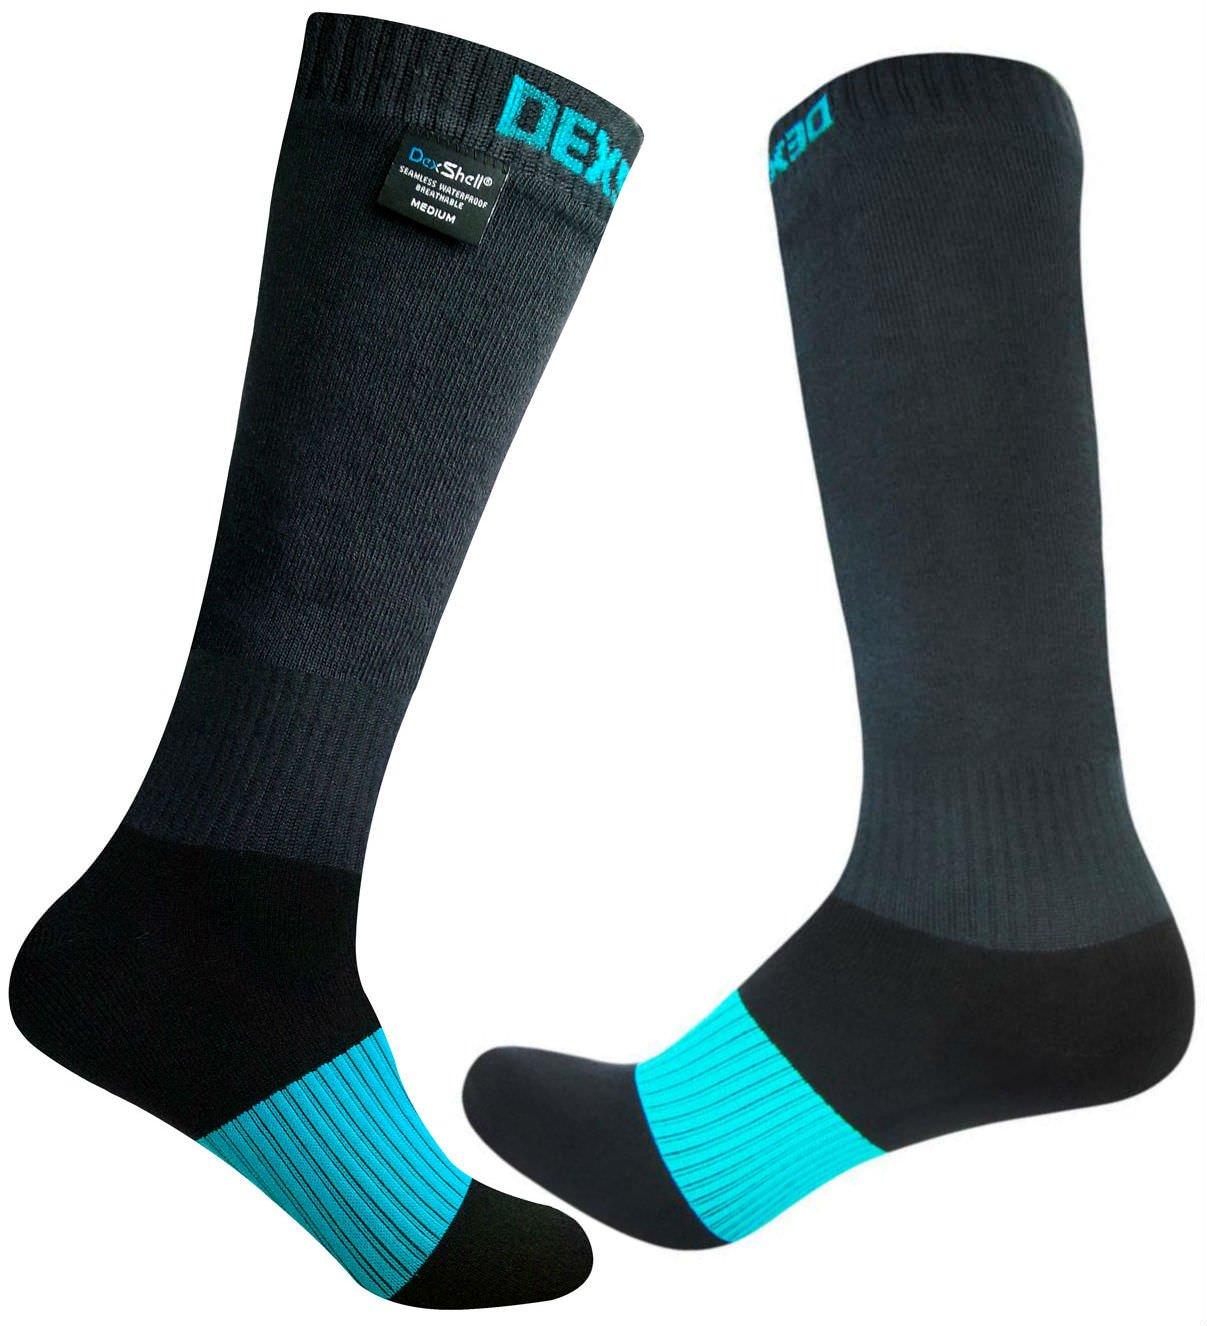 Dexshell Ultralite Waterproof Socks Bamboo